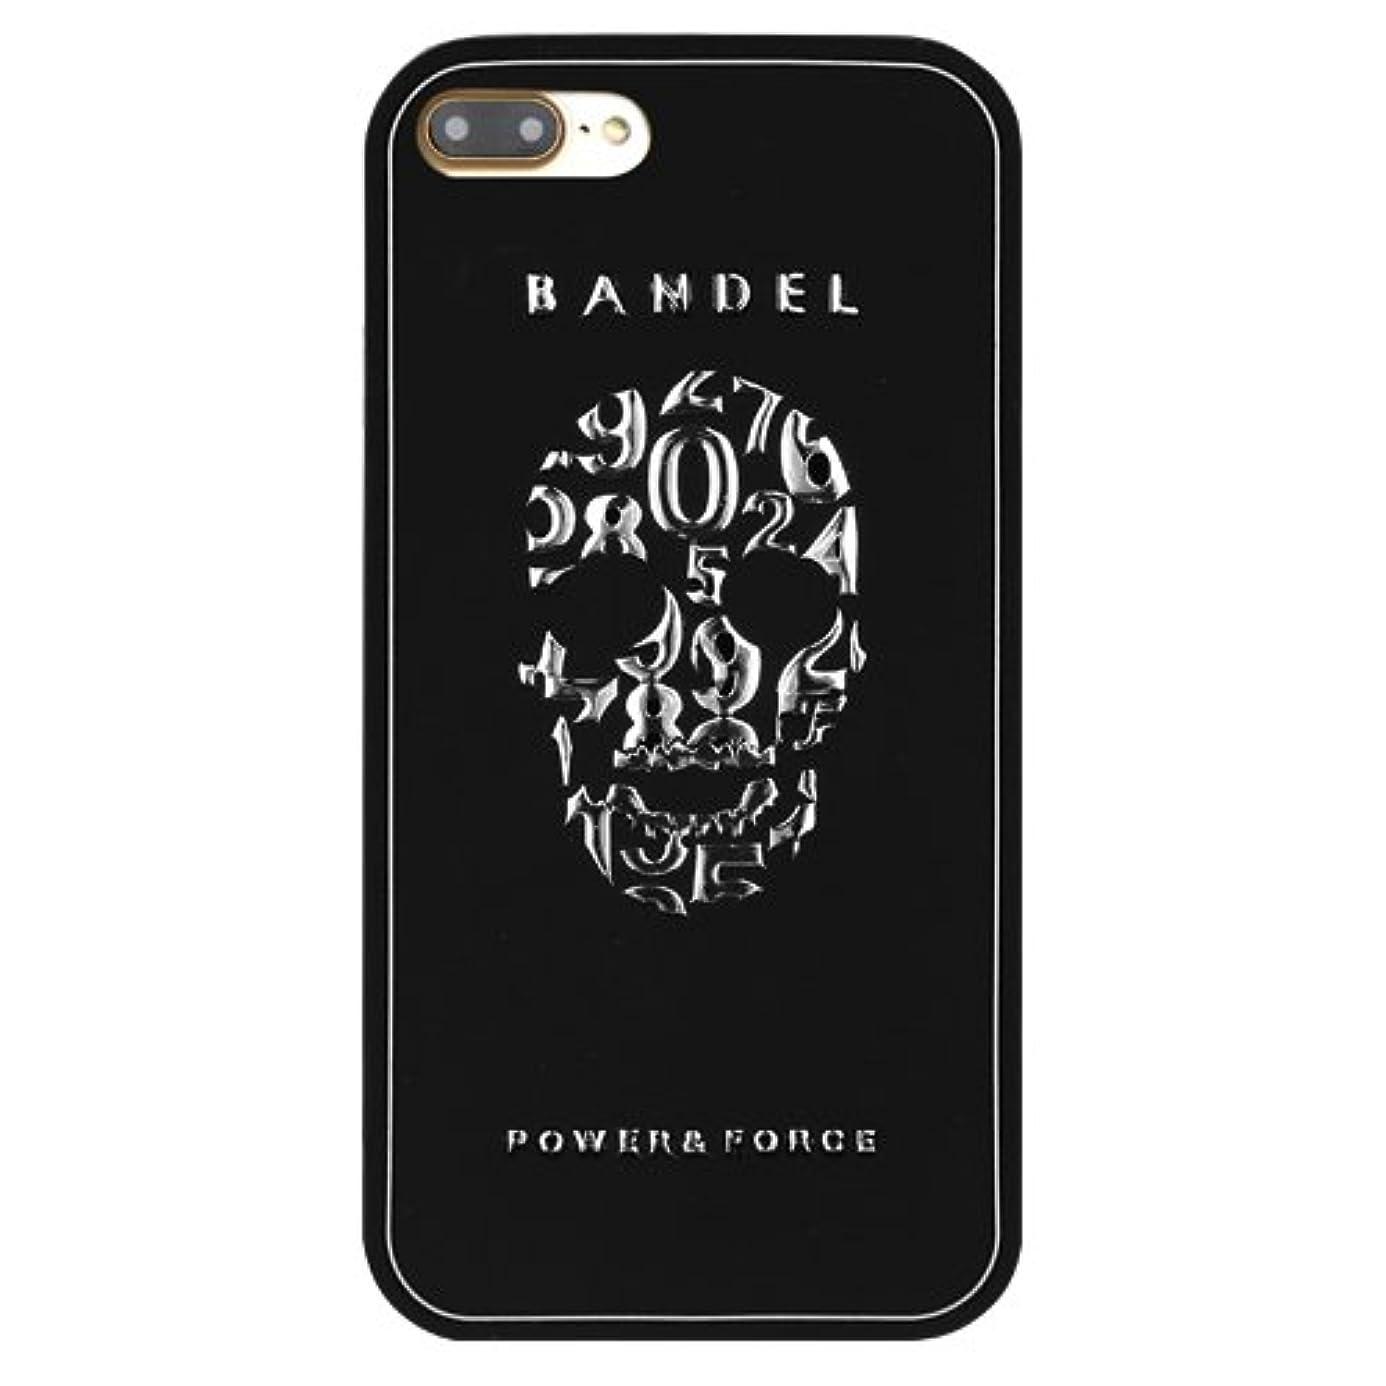 ワークショップ路地多様なバンデル(BANDEL)iPhone7 ケース スカル[ブラック×シルバー]/スマホケース iPhoneケース iPhone用